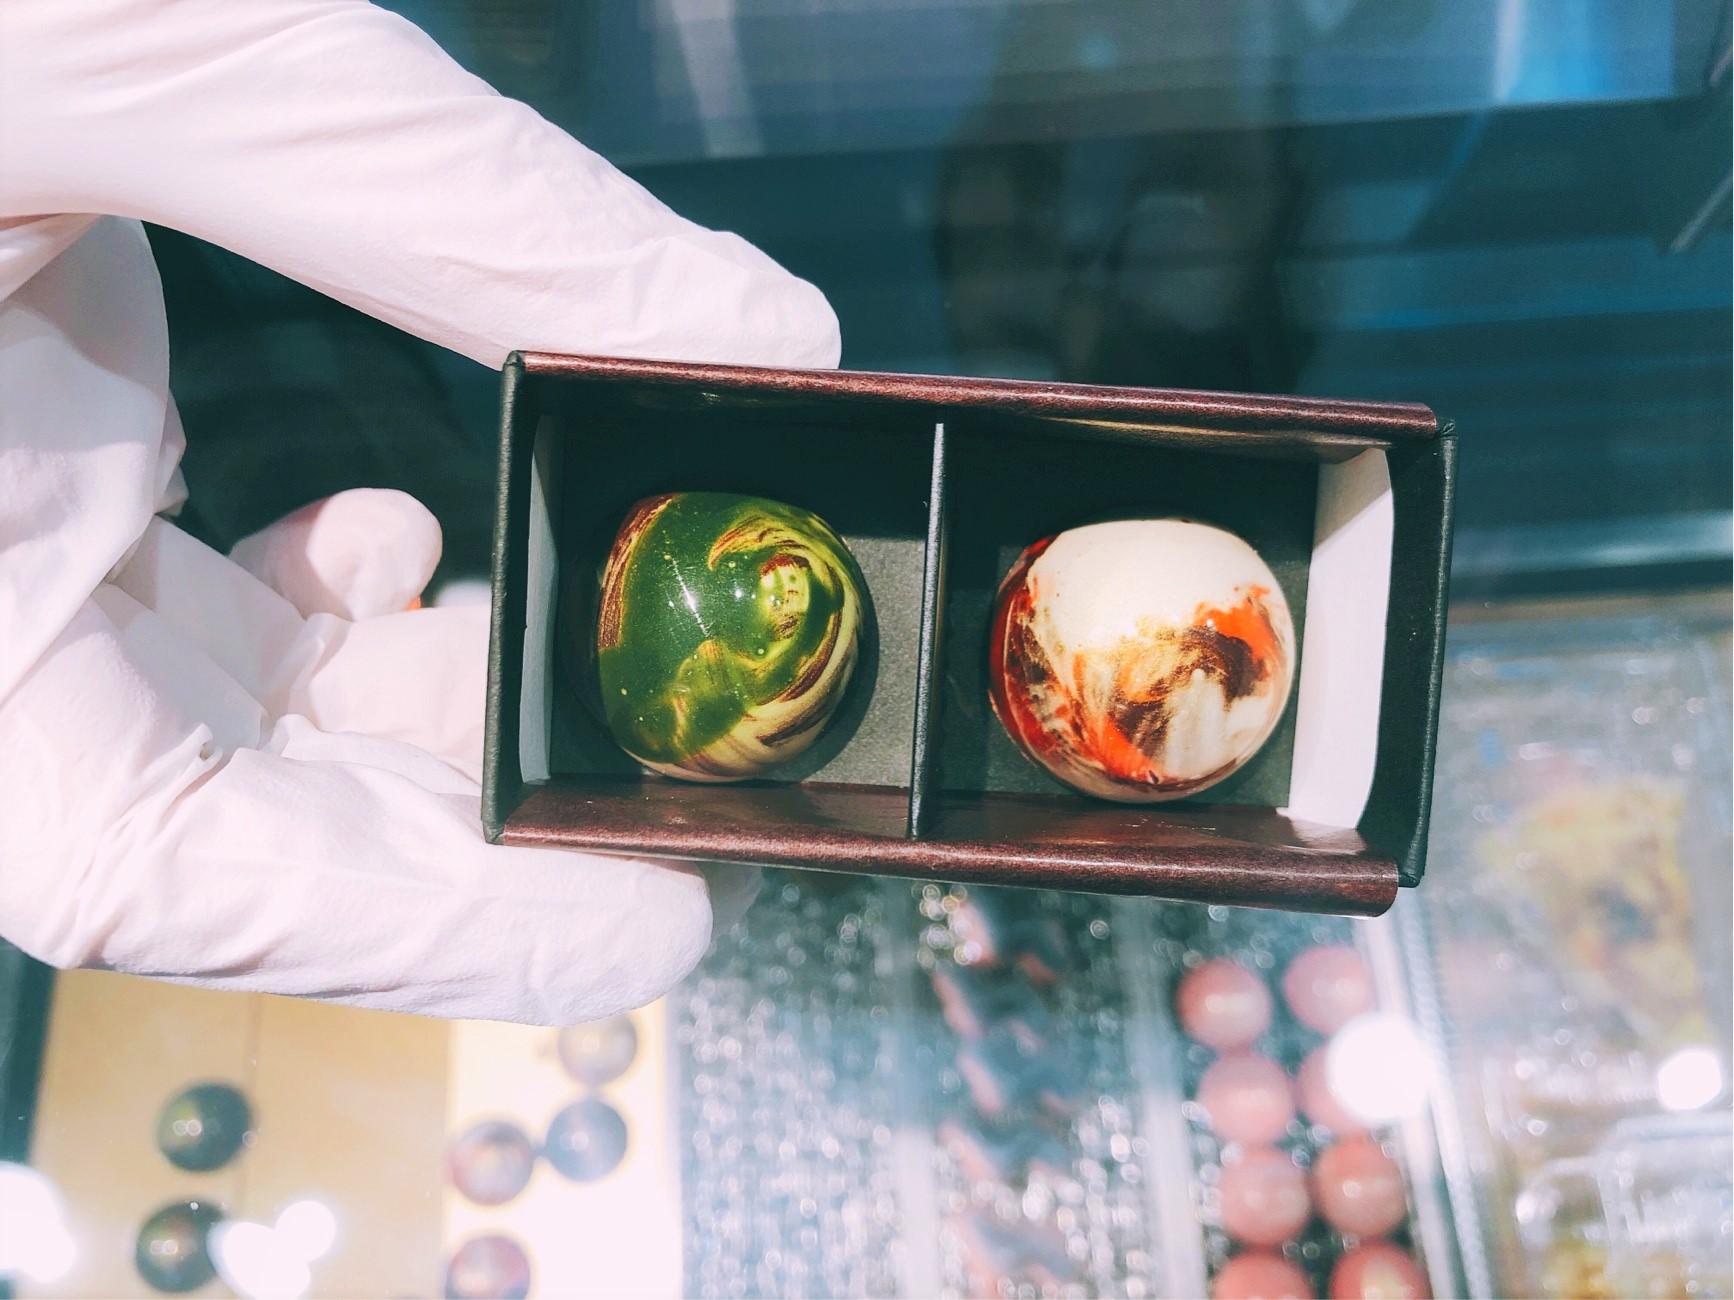 葉山で人気のチョコレート屋さん「Nicolas&Herbs(ニコラ&ハーブ)」で購入したチョコレート。2つを一緒にボックスに入れてもらう。「葉山」と「味噌キャラメルサレ」を選んだ。